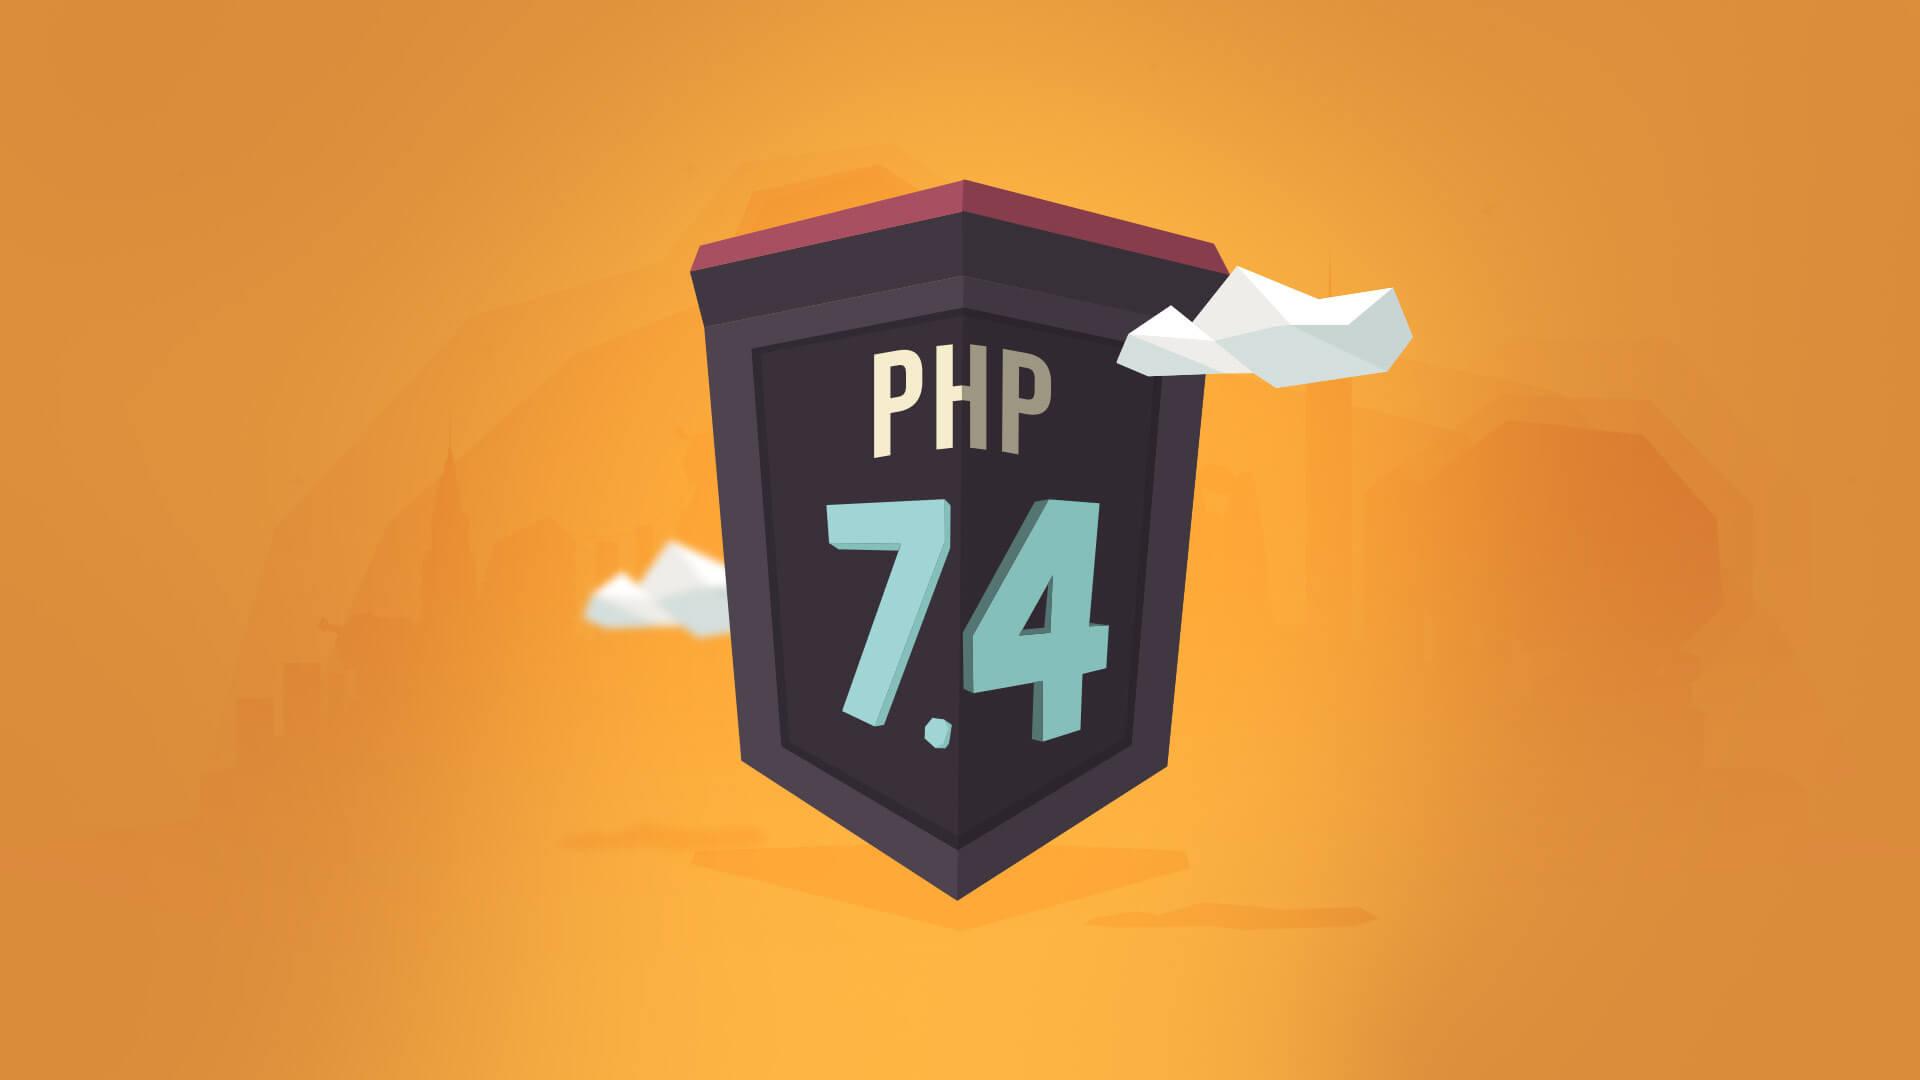 PHP 7.4 Webonic release